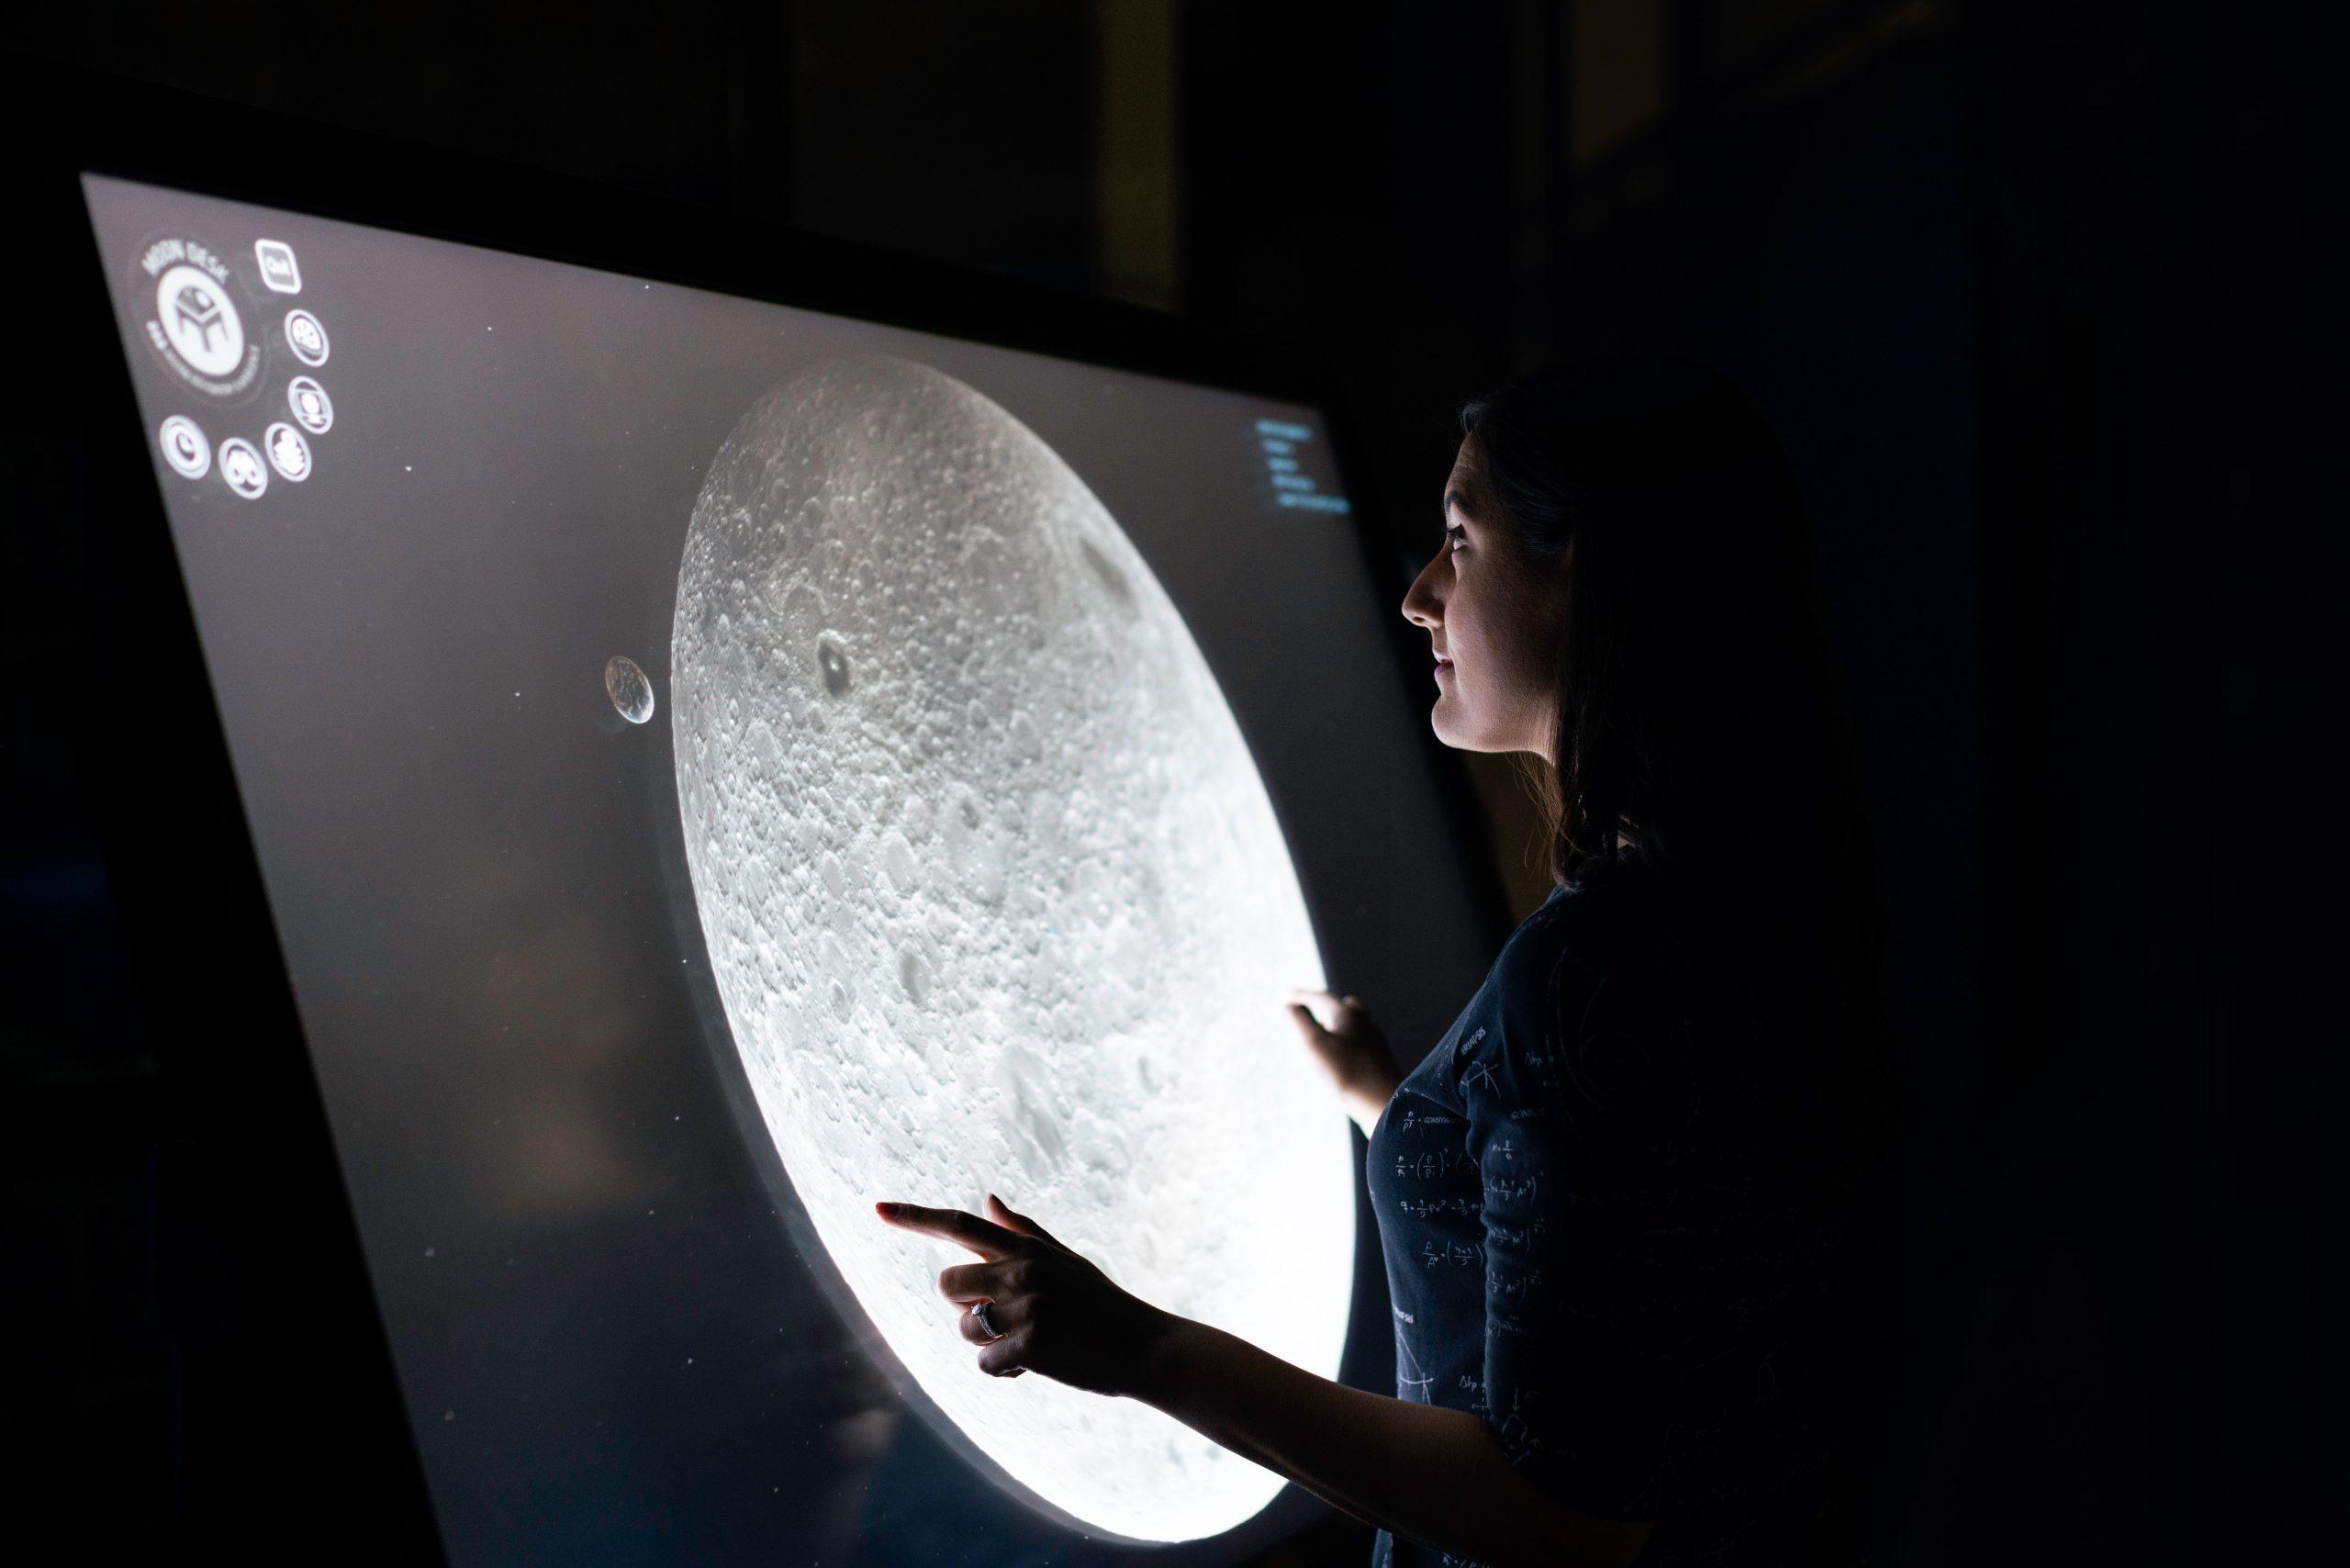 L'exploration spatiale et l'IA seront au rendez-vous lors de la première édition d'AixSPACE. Crédit Photo: Pexels/thisisengineering